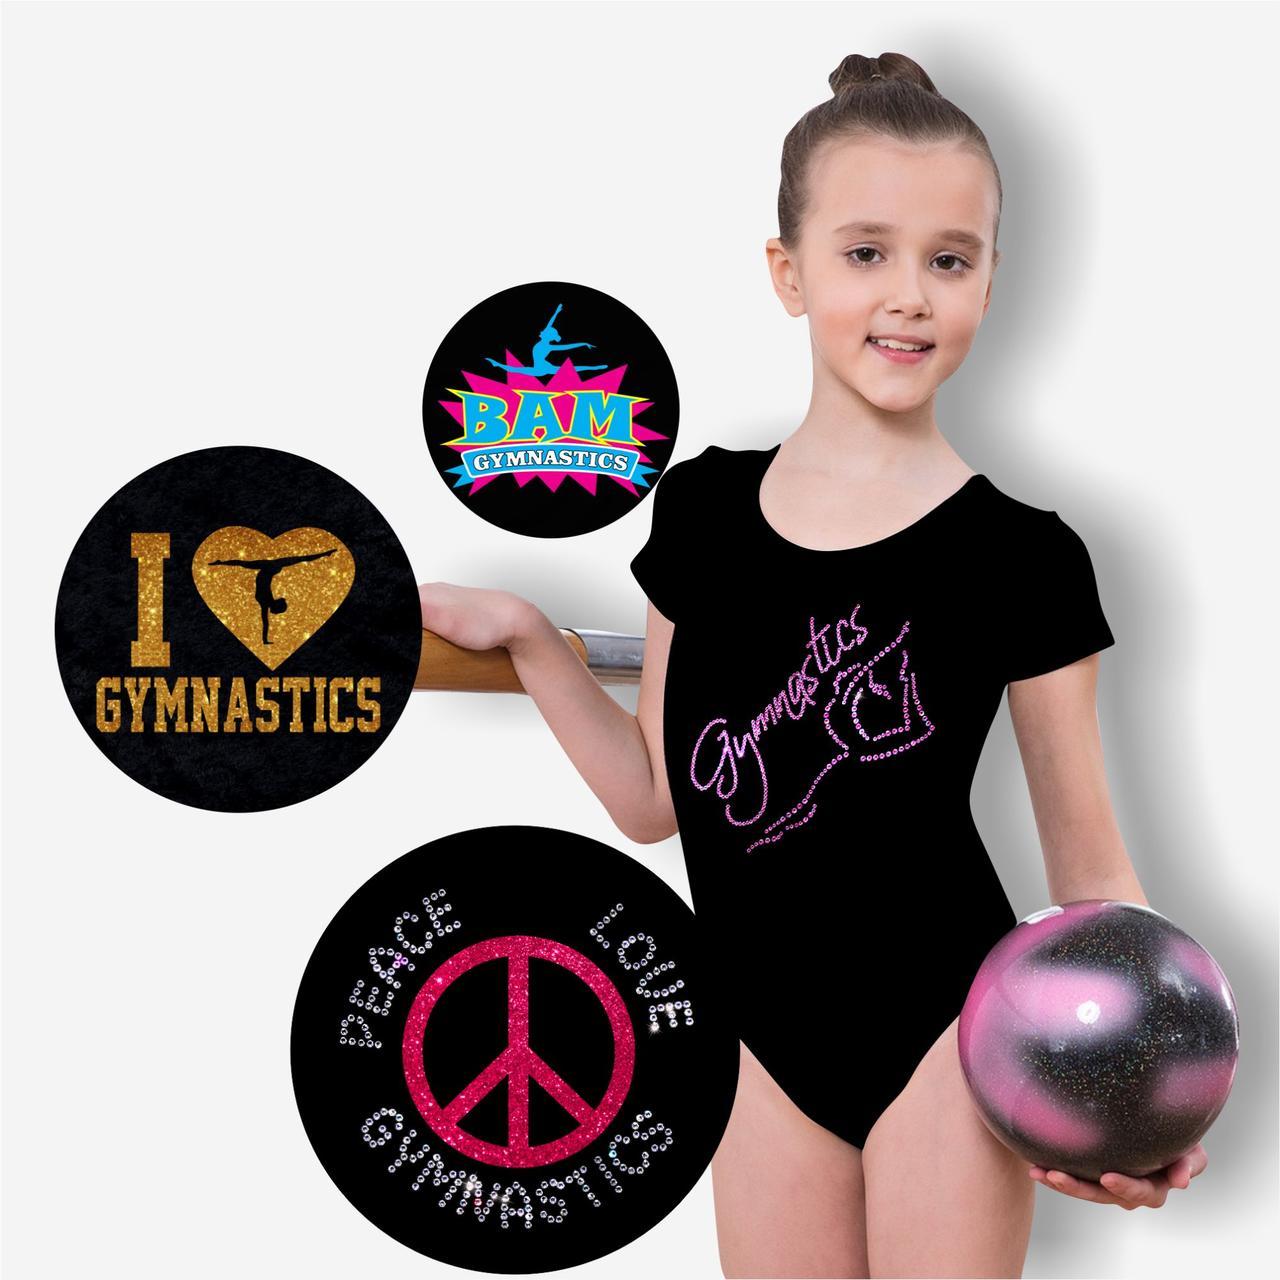 Підбір/Розробка дизайнів для декору гімнастичної одягу та аксесуарів (фото в описі)